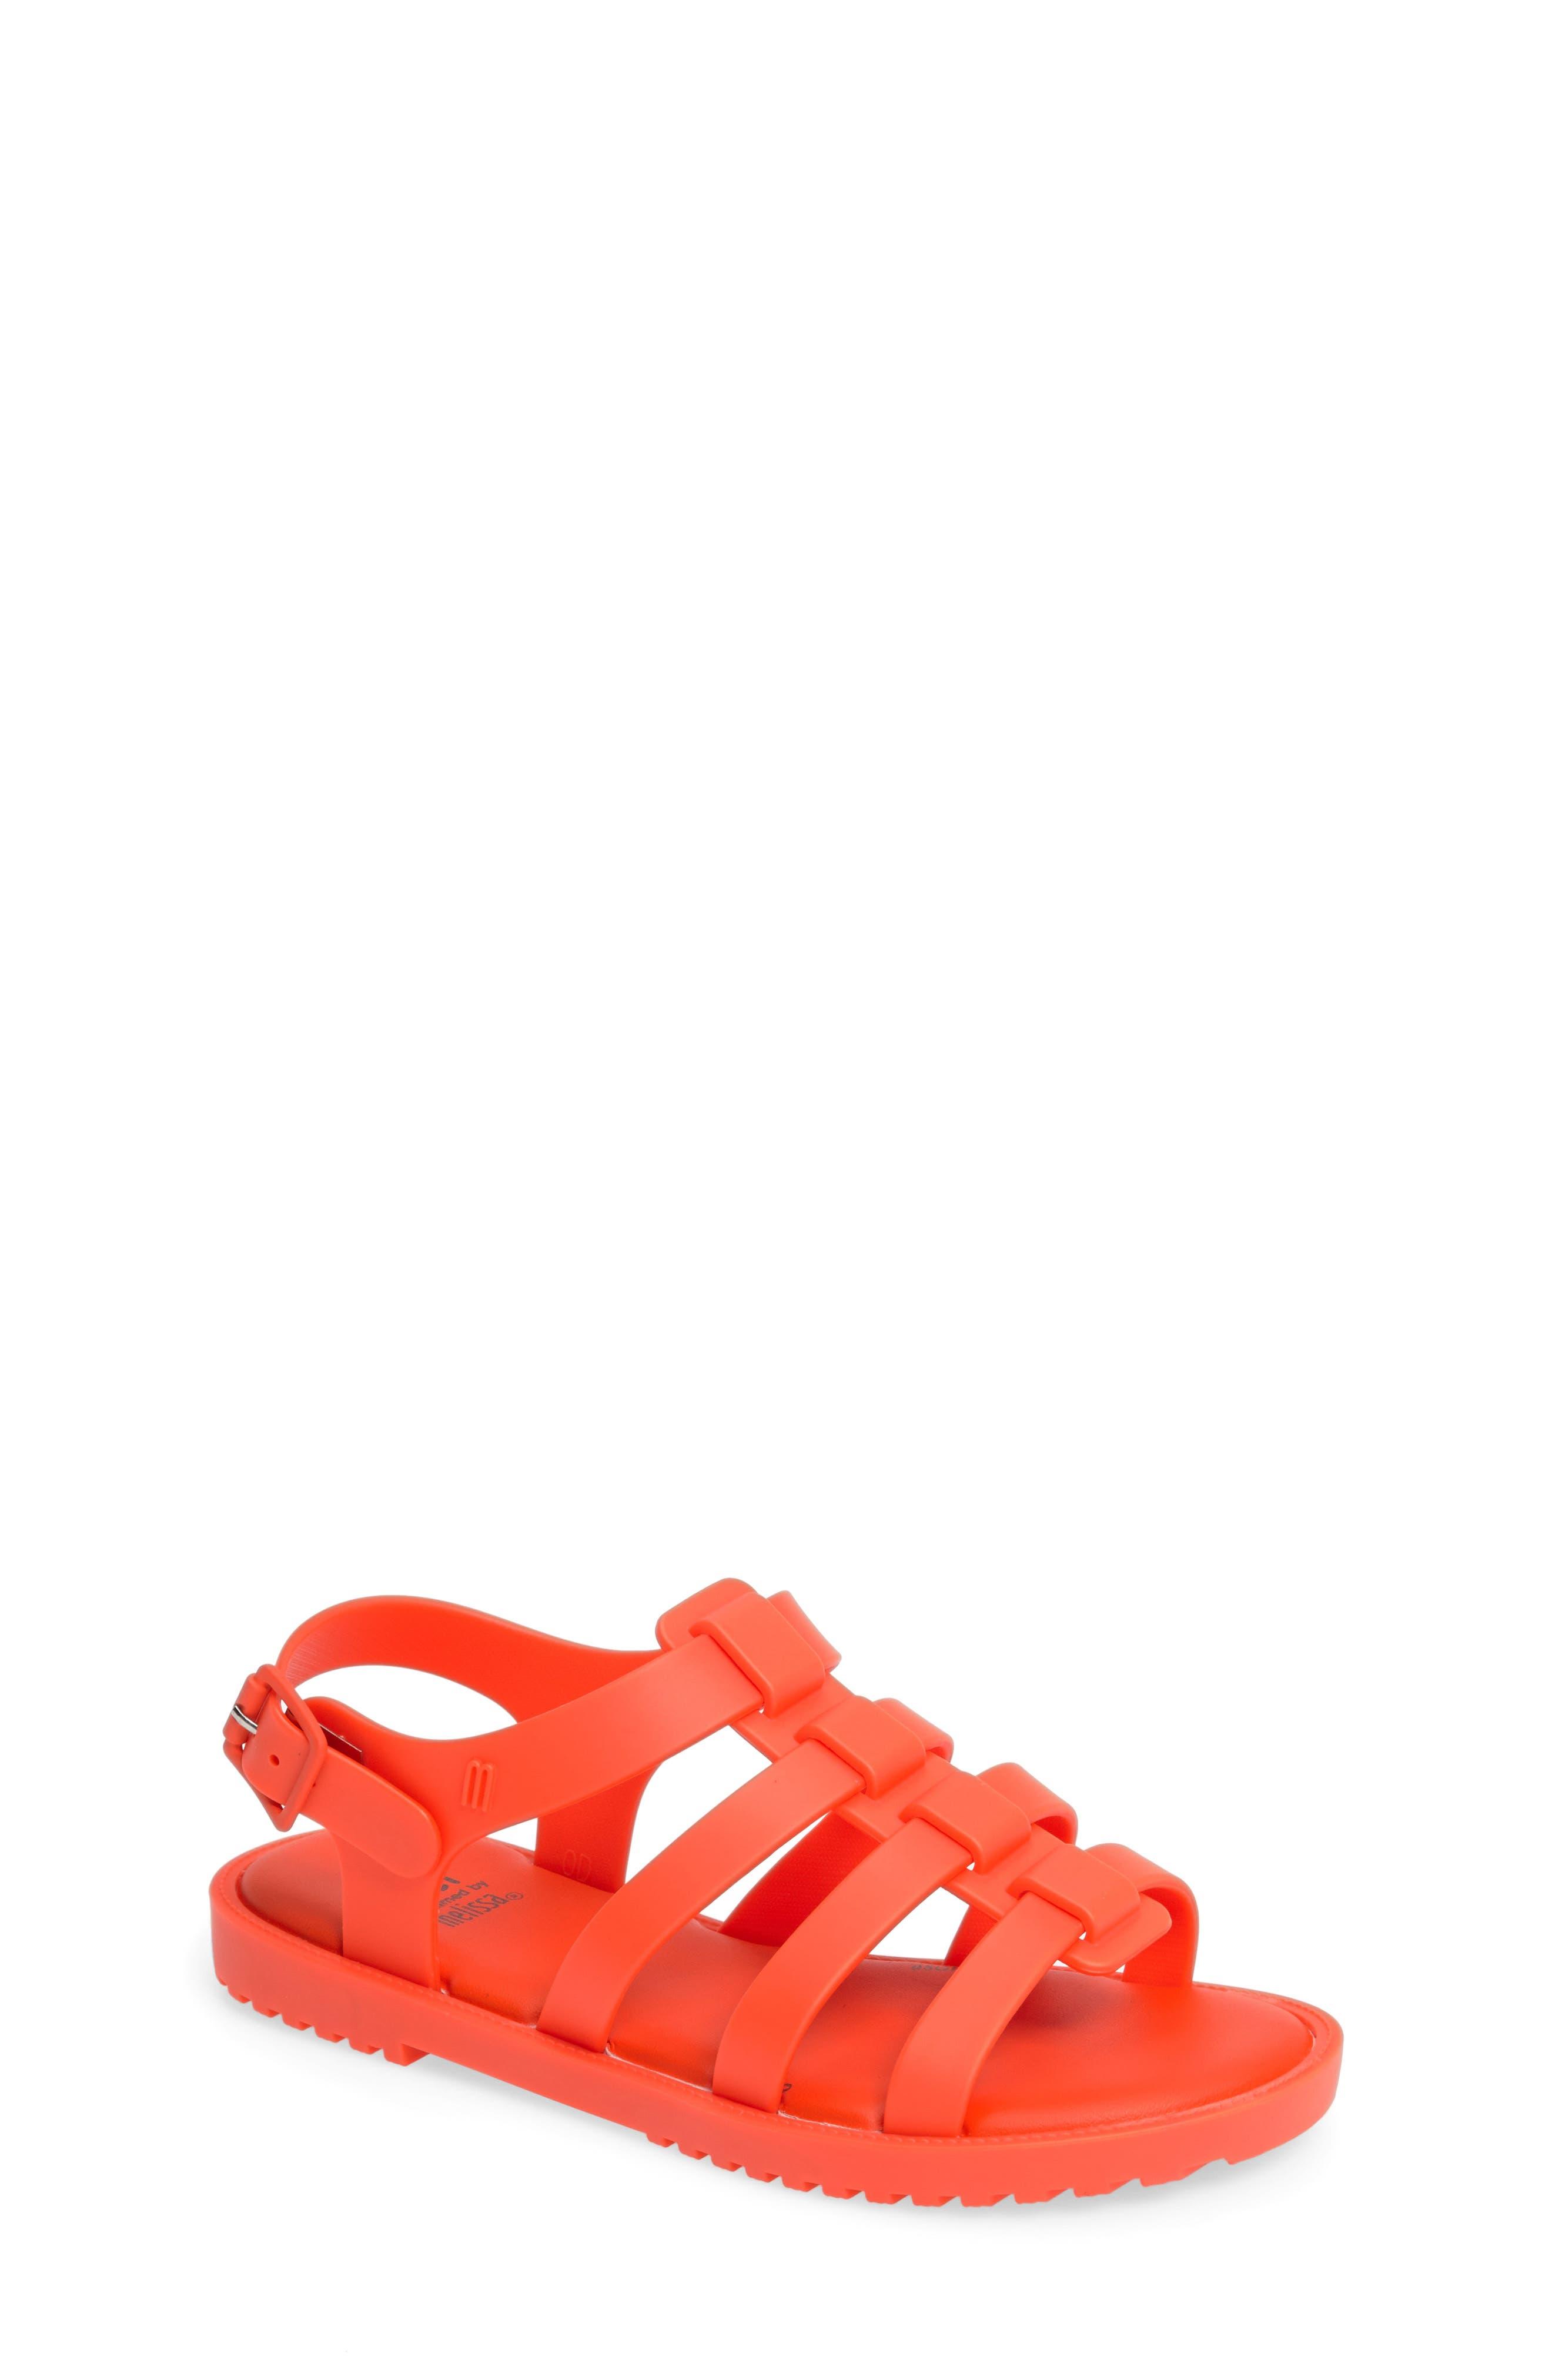 Mini Melissa 'Flox' Sandal (Toddler & Little Kid)